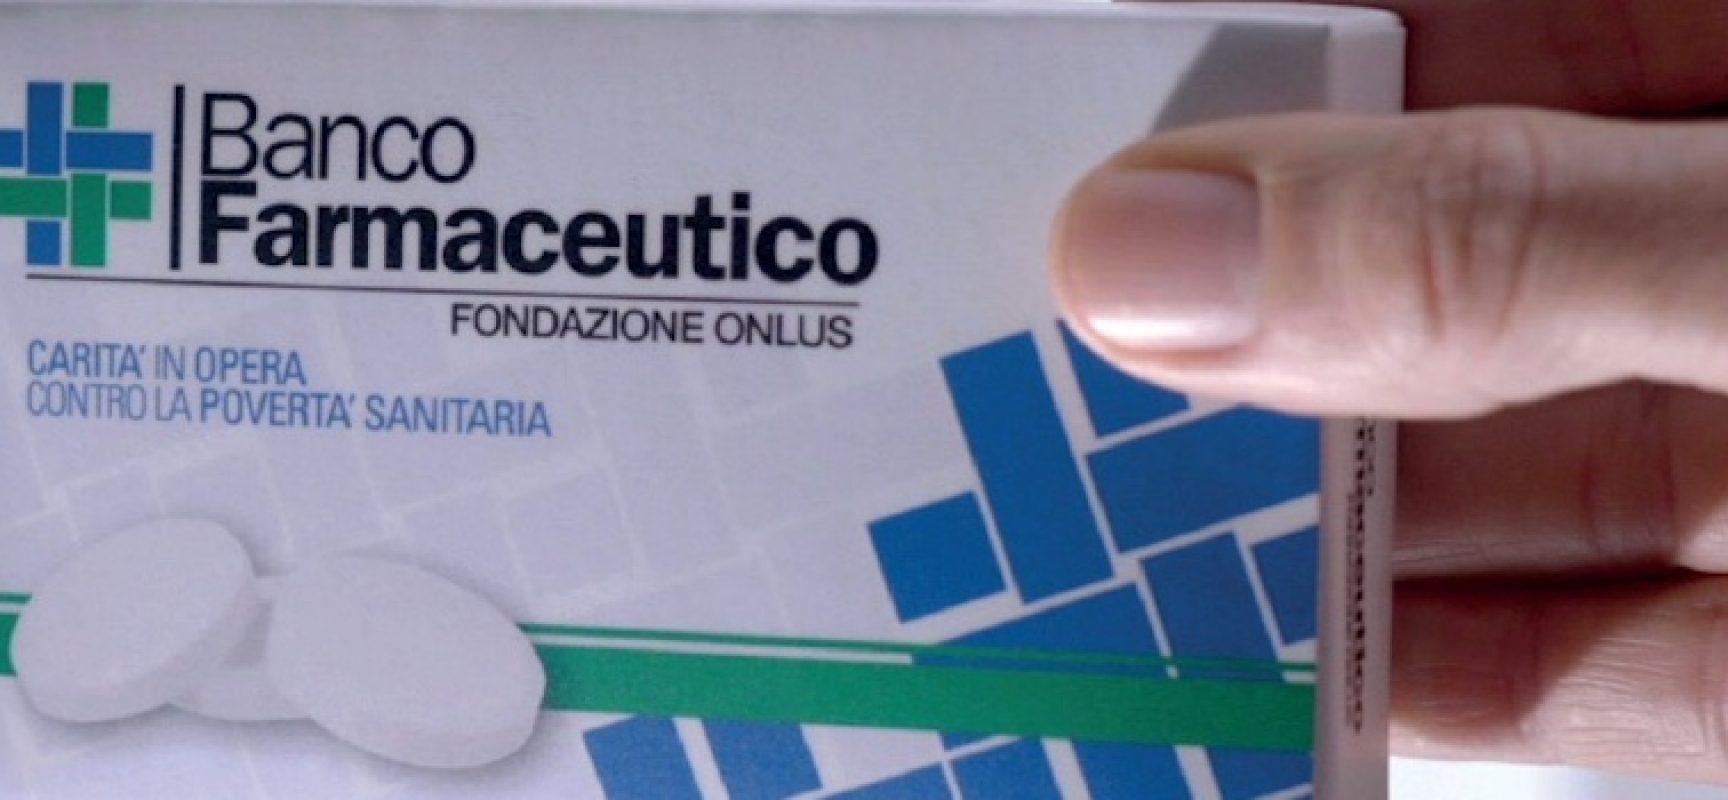 """Torna oggi giornata raccolta farmaci: """"Cresce fabbisogno poveri e bambini"""""""